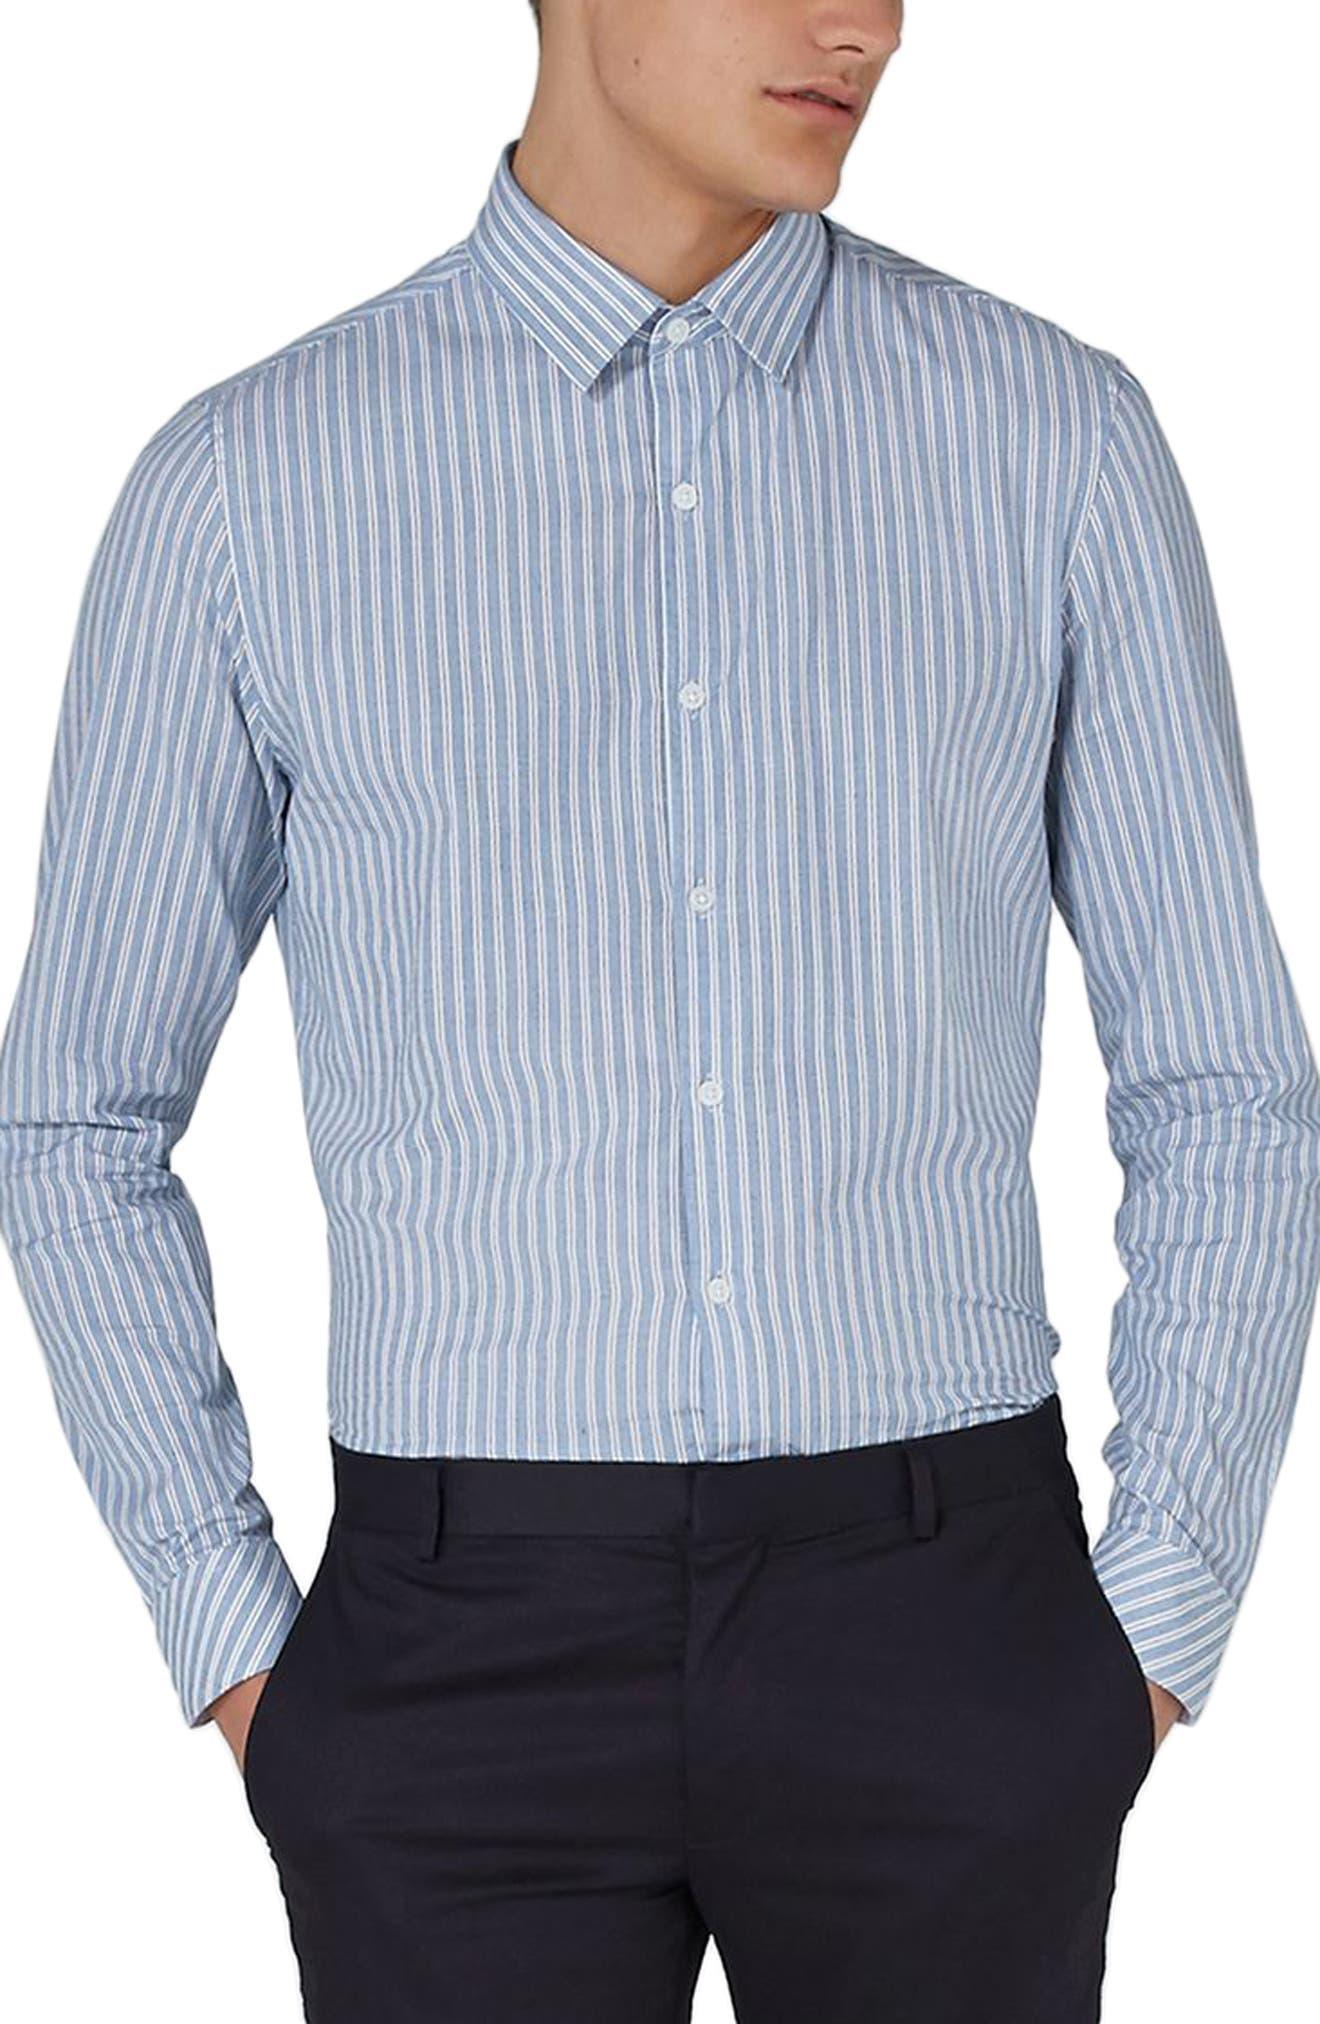 Topman Classic Fit Stripe Smart Shirt